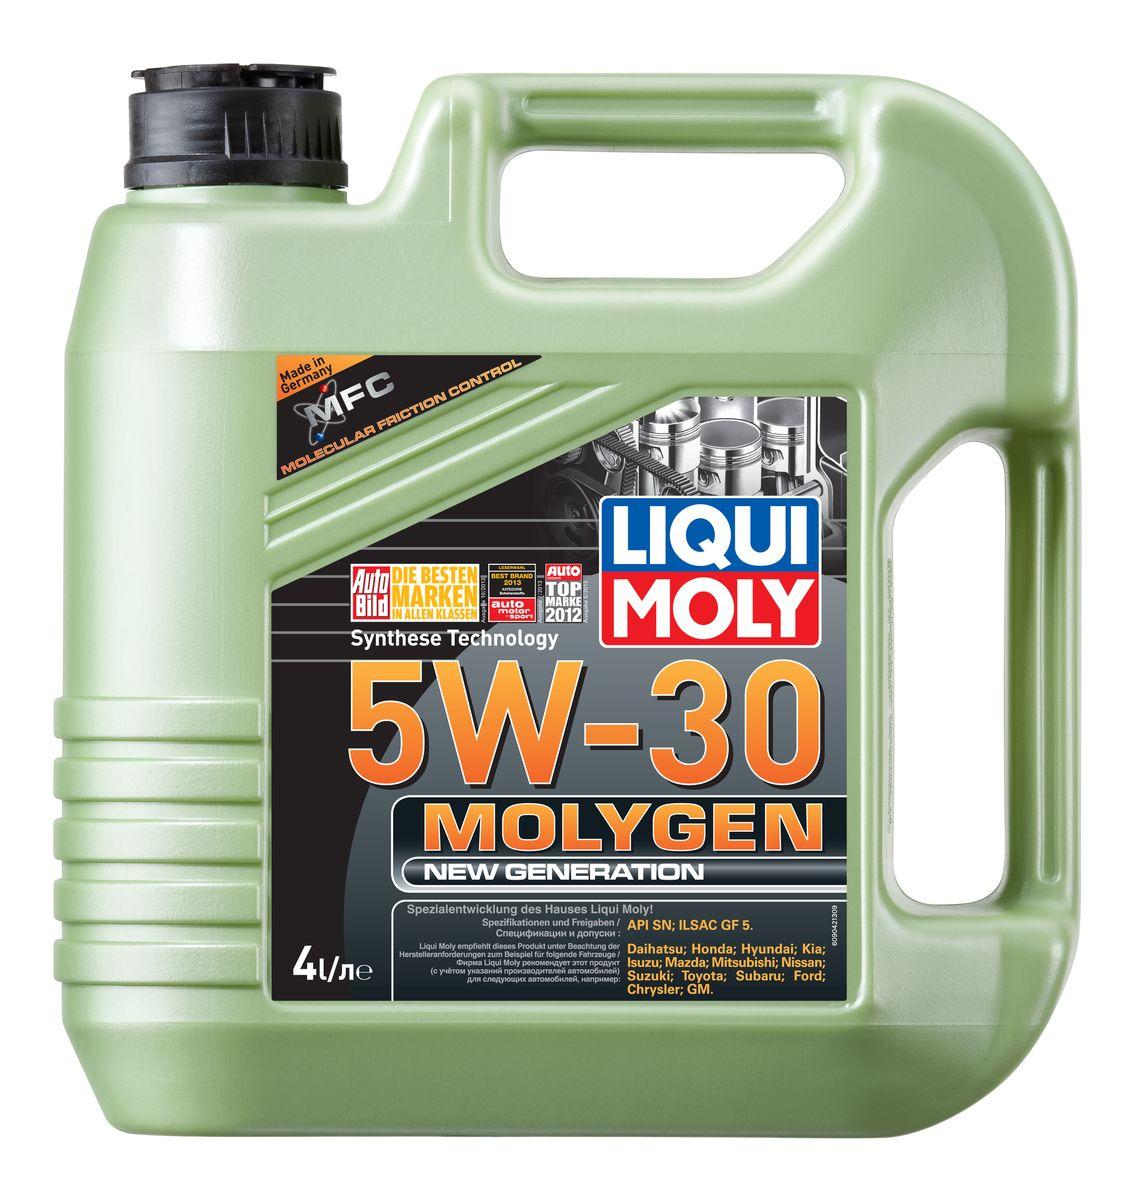 Масло моторное Liqui Moly Molygen New Generation, НС-синтетическое, 5W-30, 4 л присадка liqui moly benzin system pflege для ухода за бензиновой системой впрыска 0 3 л